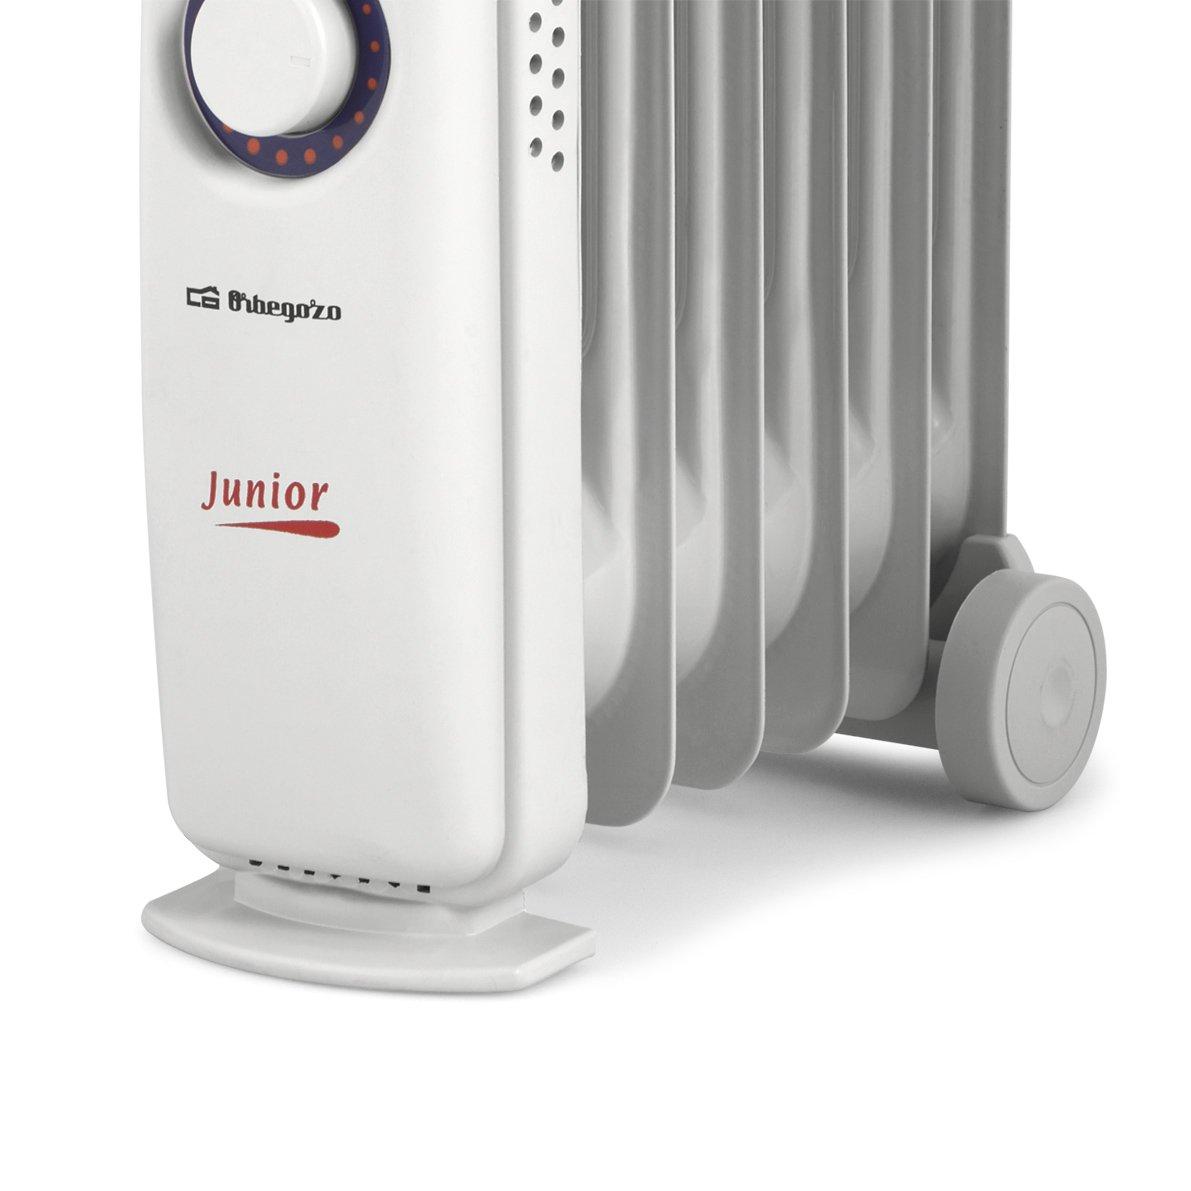 Orbegozo RO 1010 C - Radiador de aceite mini, potencia de 1000 W, construcción modular y diseño compacto en color blanco: Amazon.es: Hogar